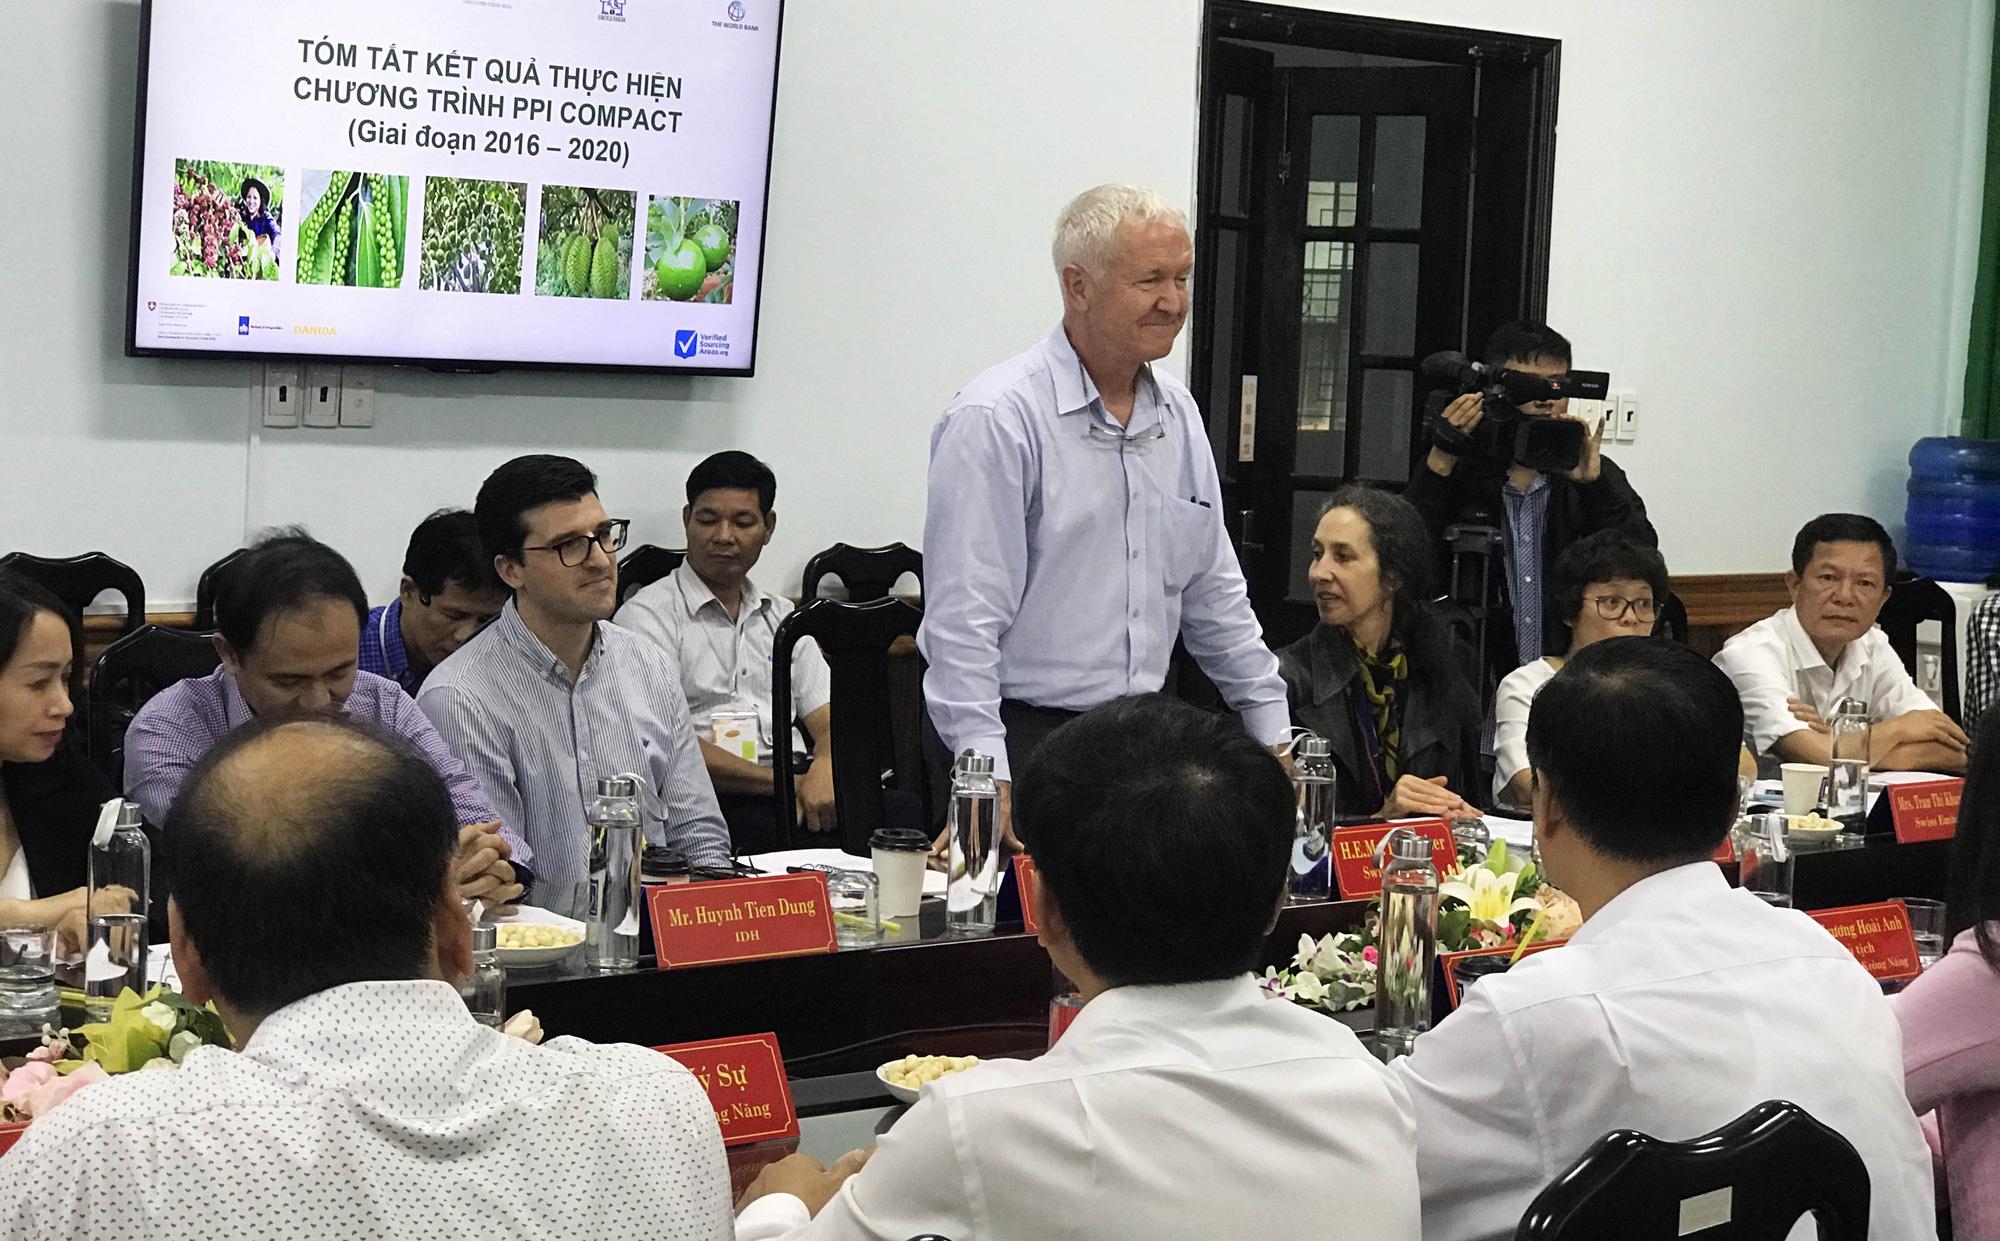 Đại sứ đặc mệnh toàn quyền Thụy Sĩ tại Việt Nam thăm nông dân Đắk Lắk - Ảnh 1.